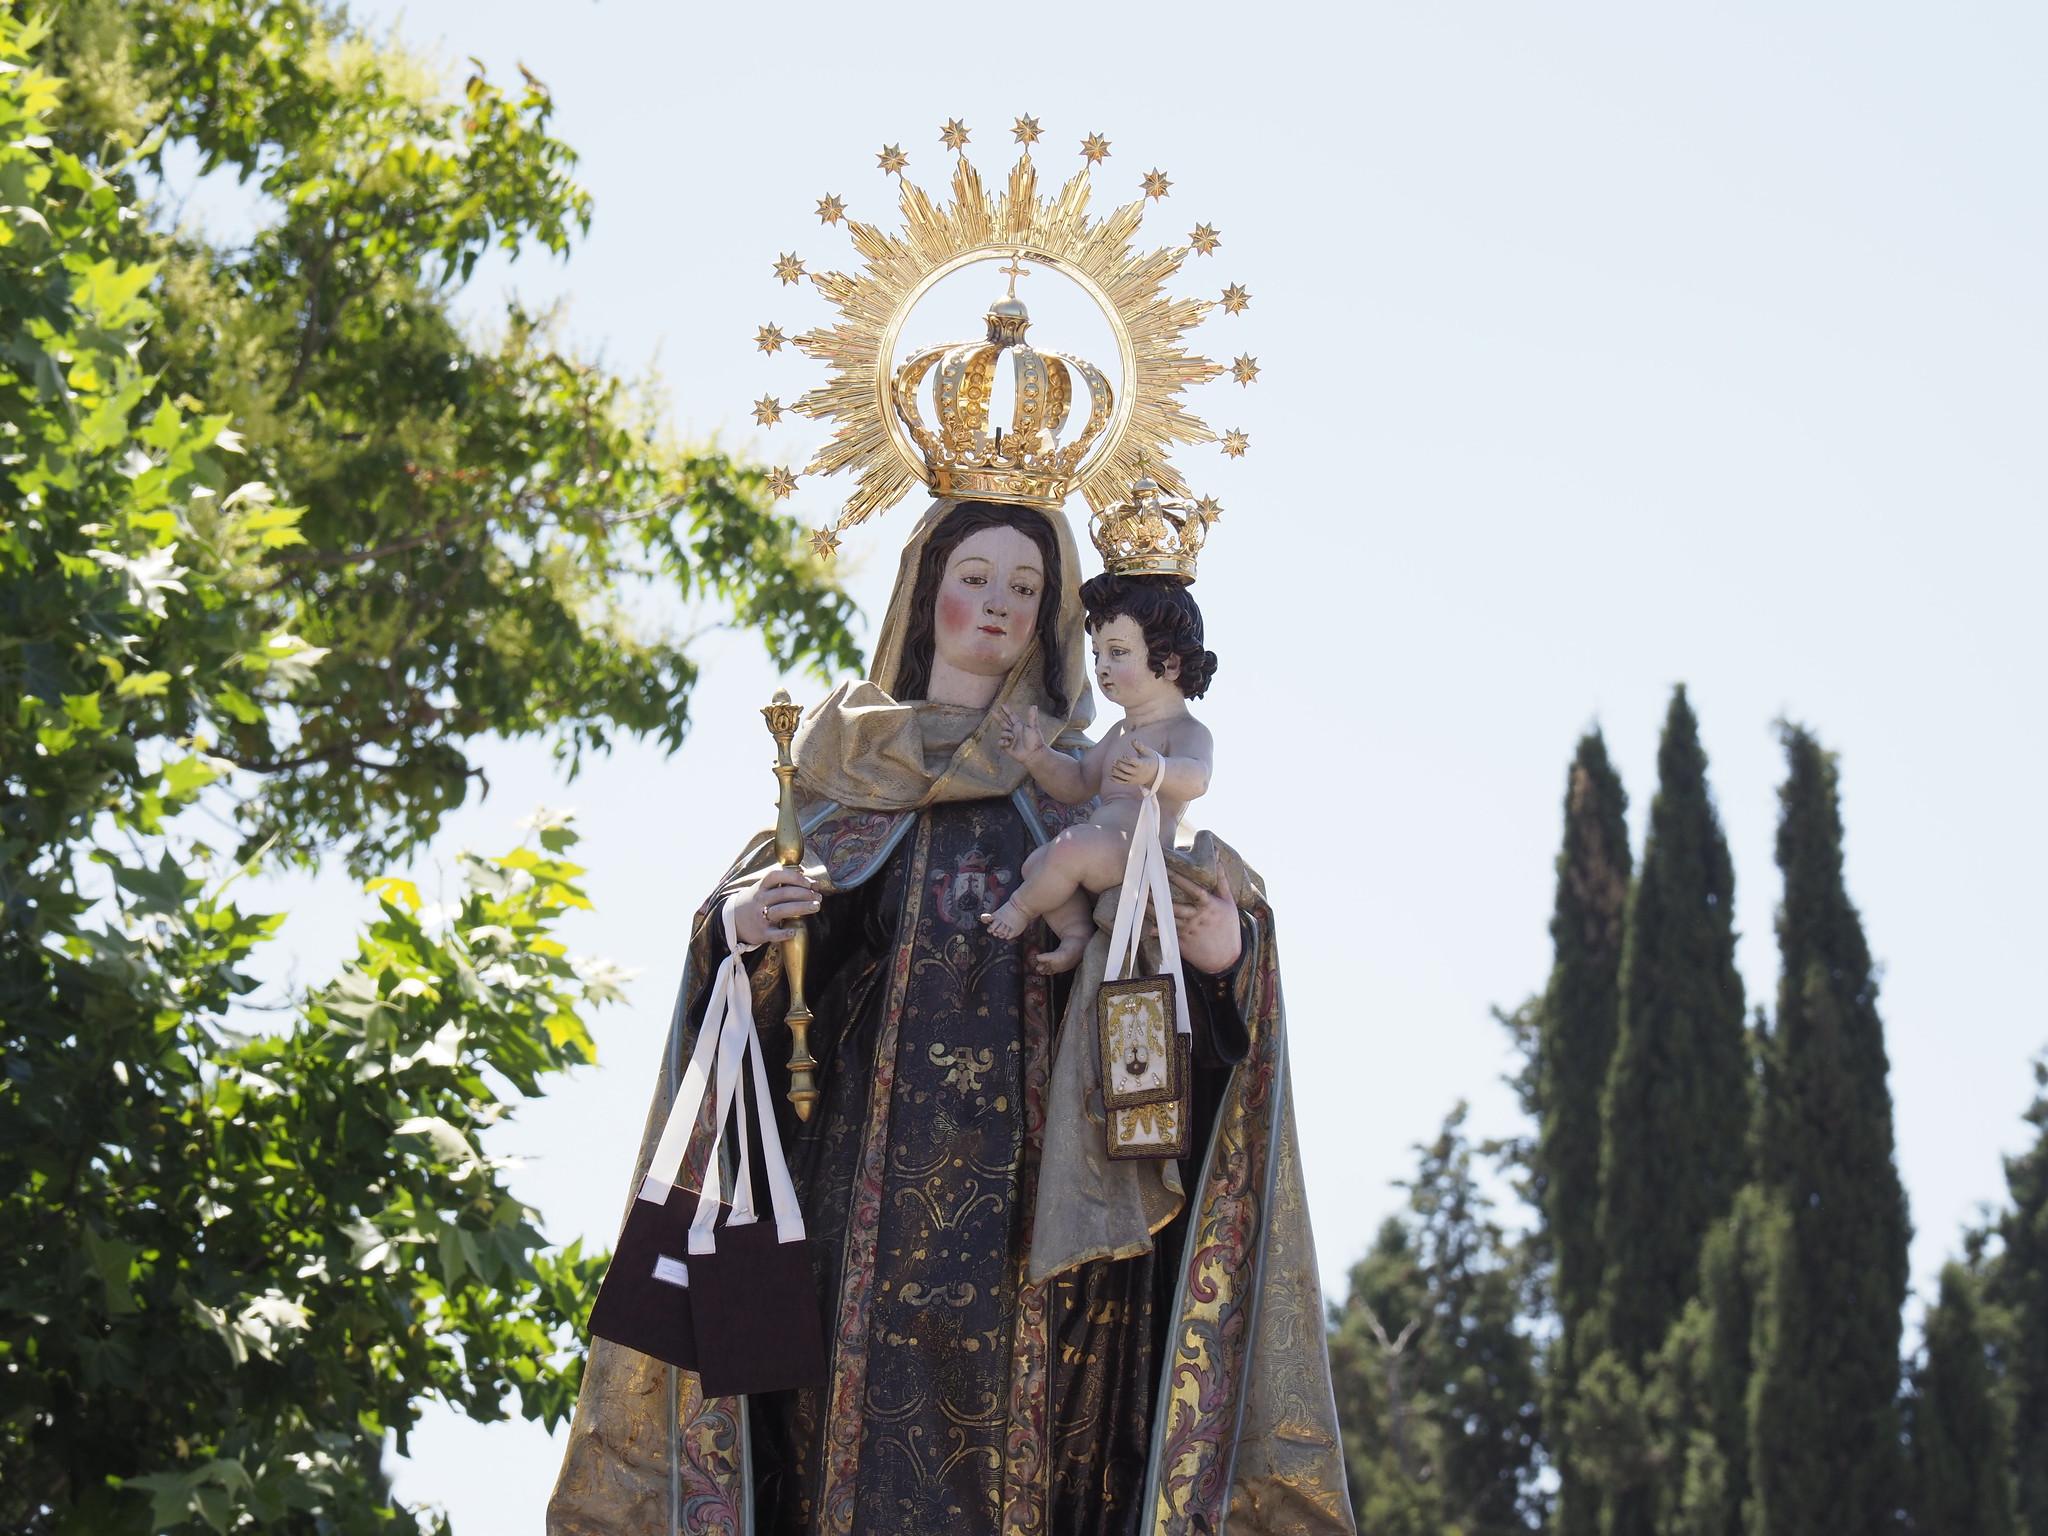 5-6-2017 - Romería de Pentecostés. Ntra. Sra. del Carmen de Extramuros